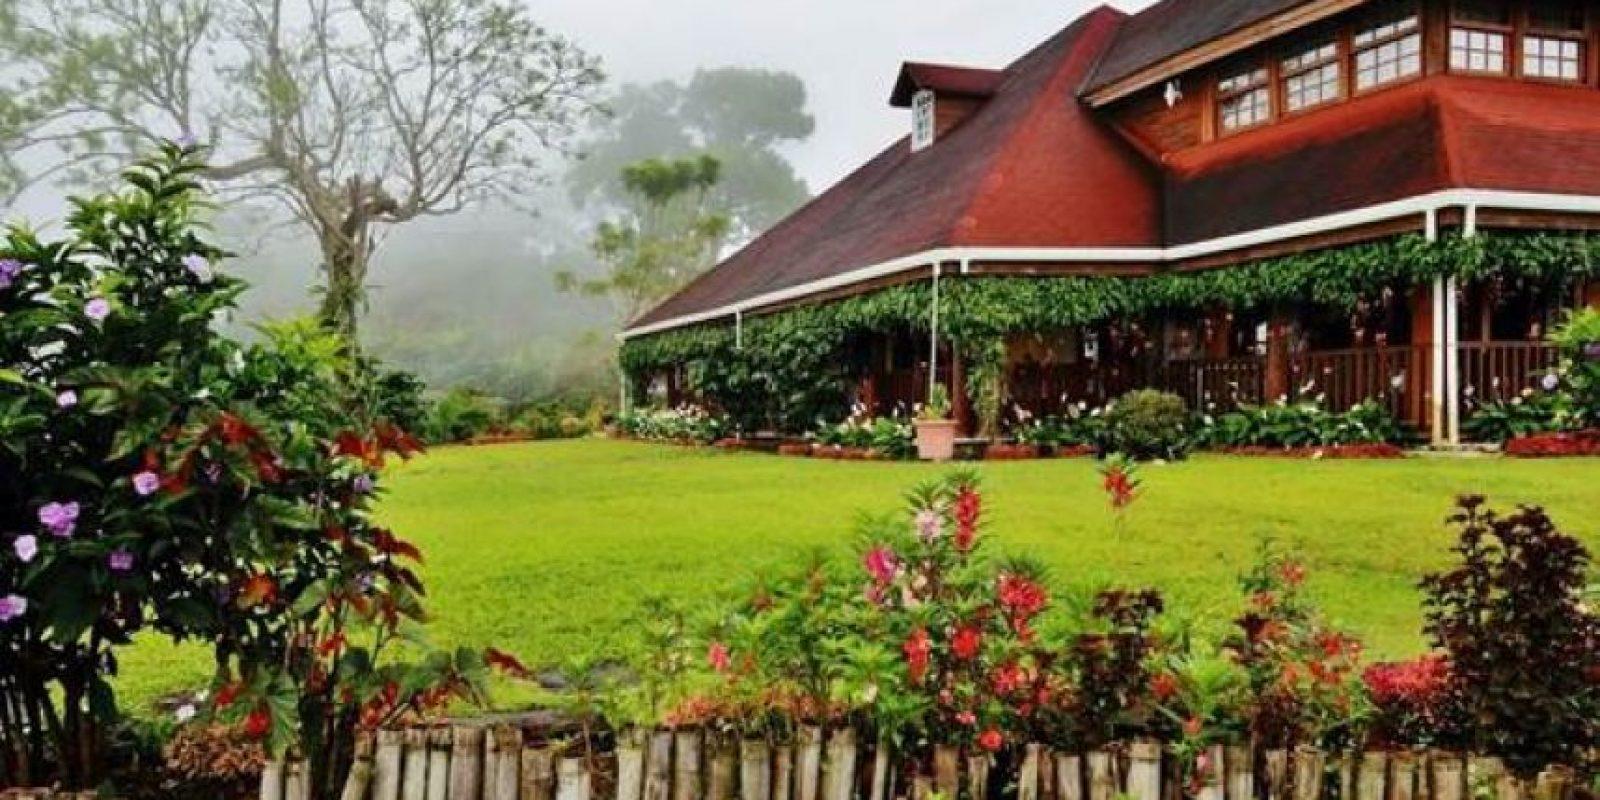 La Finca Hamburgo se ubica en la región de Soconusco, a 54 kilómetros de Tapachula. Foto:Finca Hamburgo